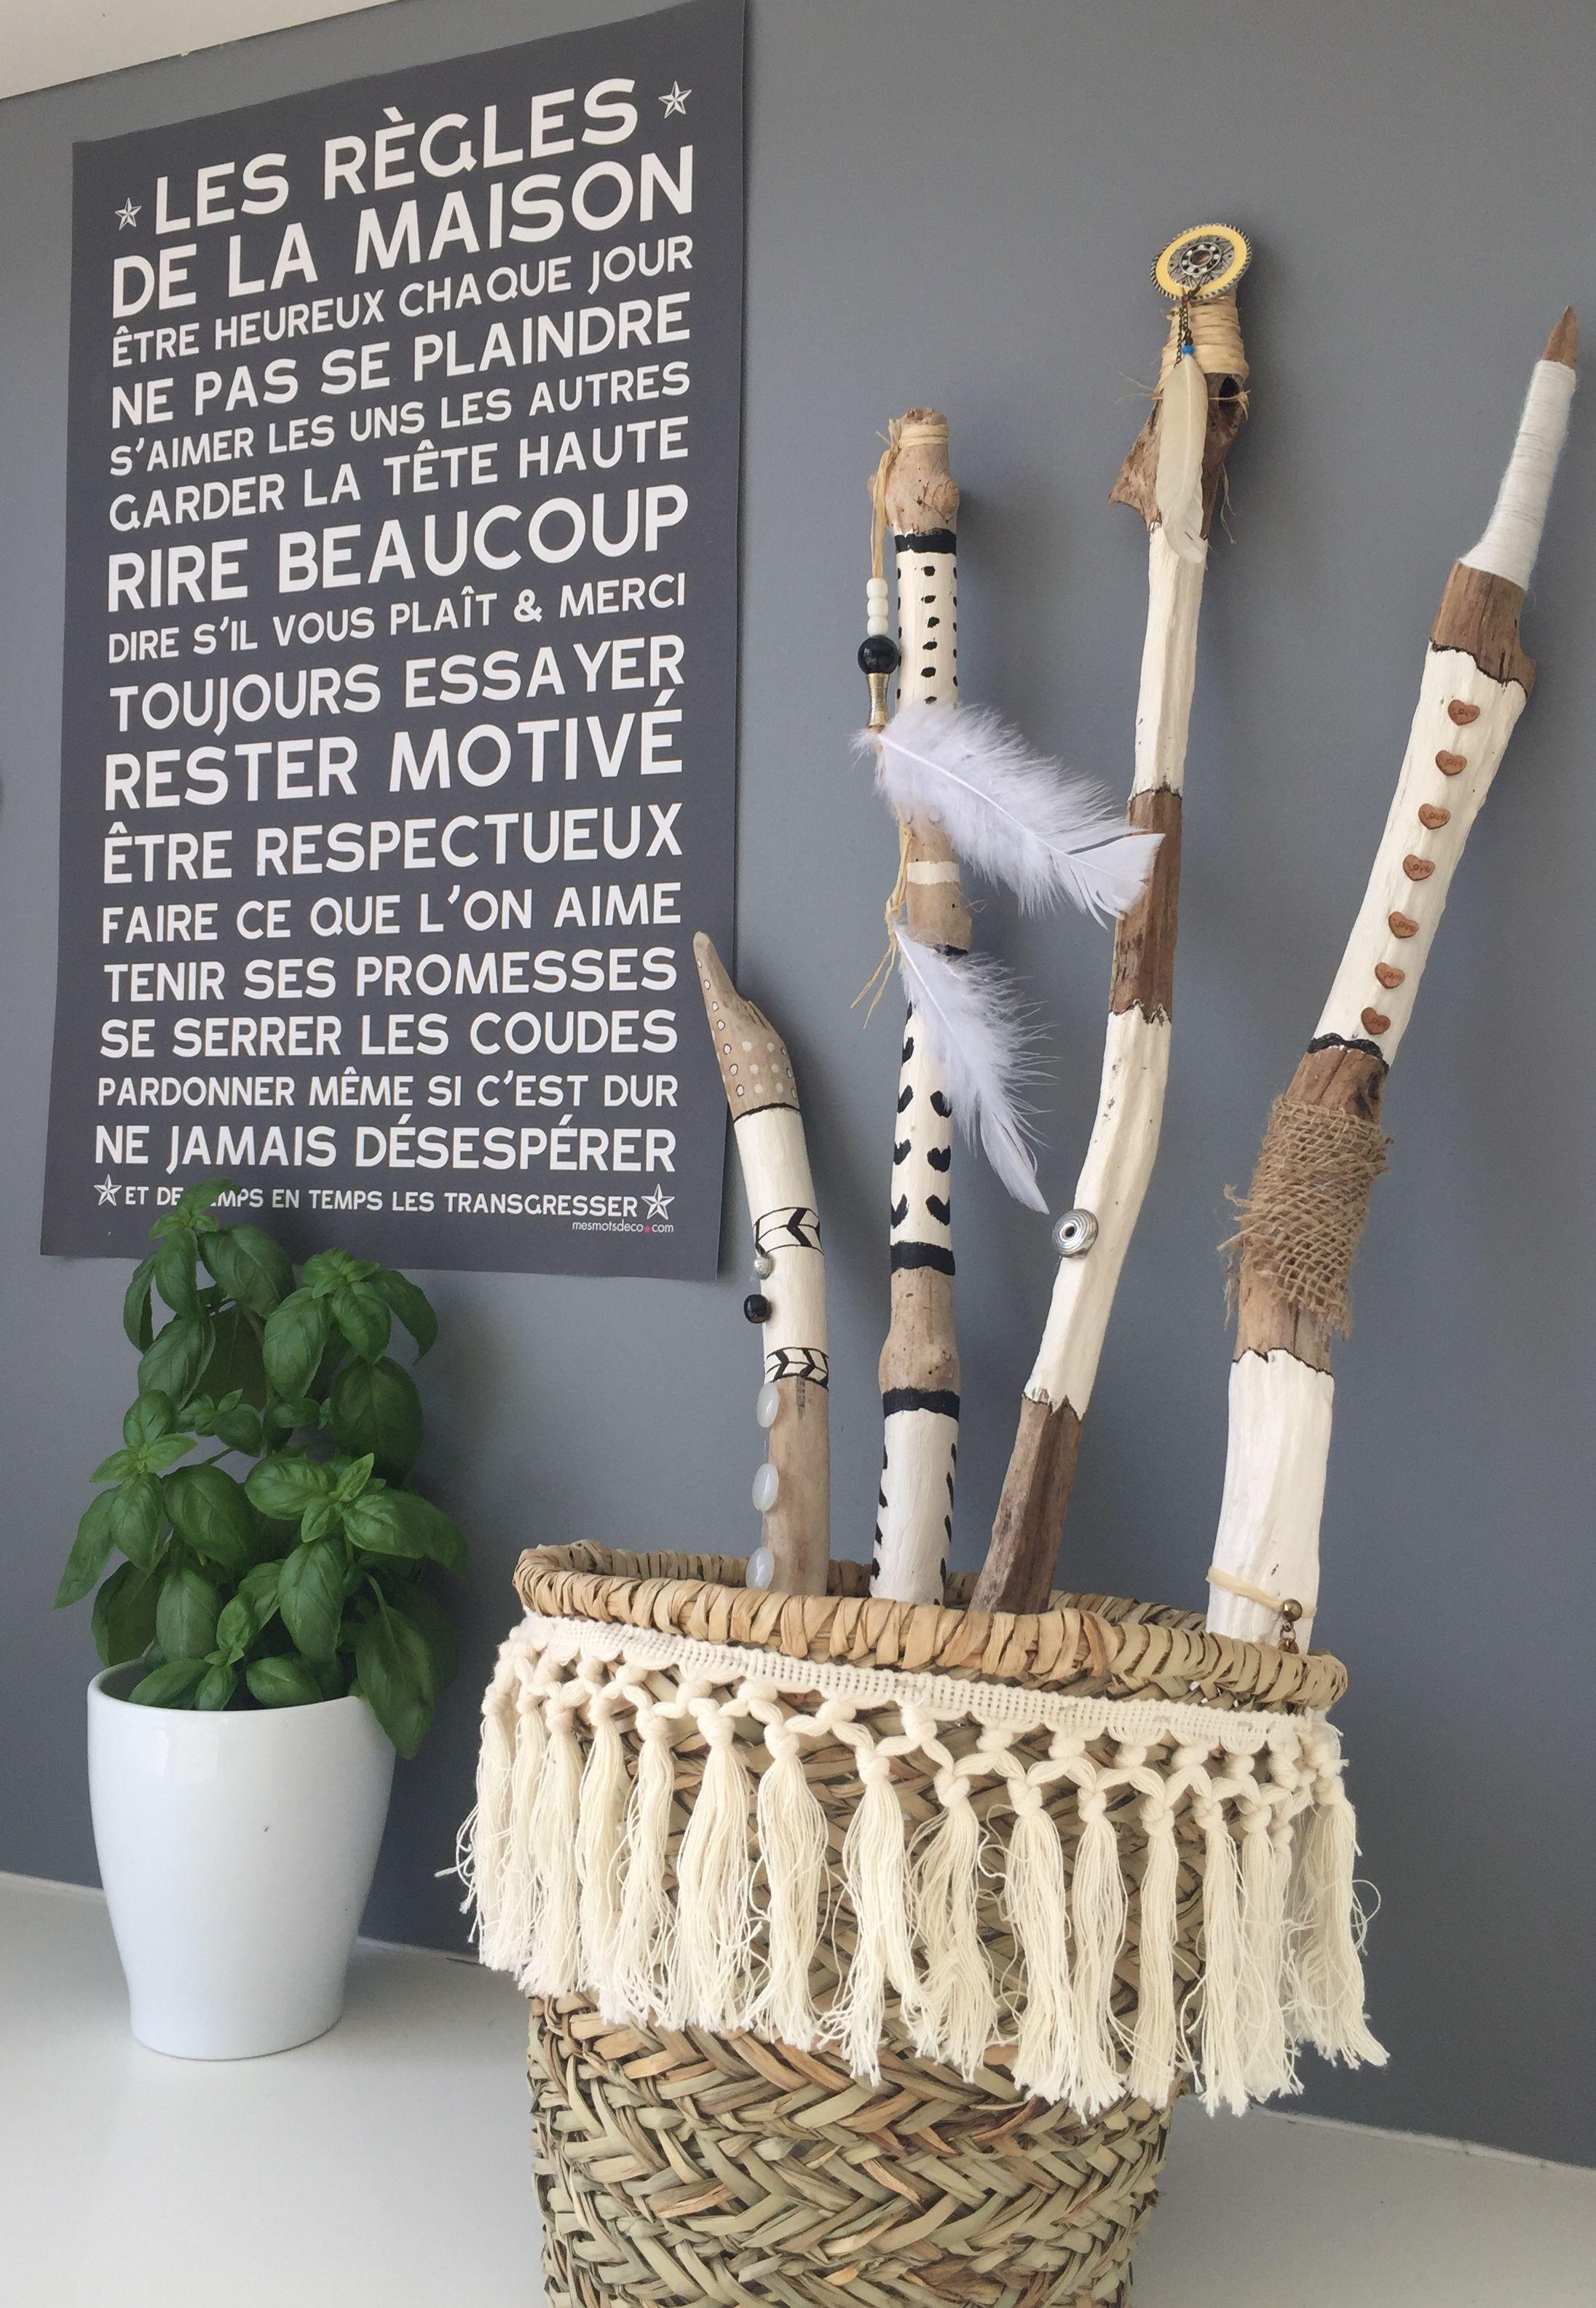 Deco Terrasse Bois Flotté bois flottés bâton indien   déco bois flotté, bois flotté